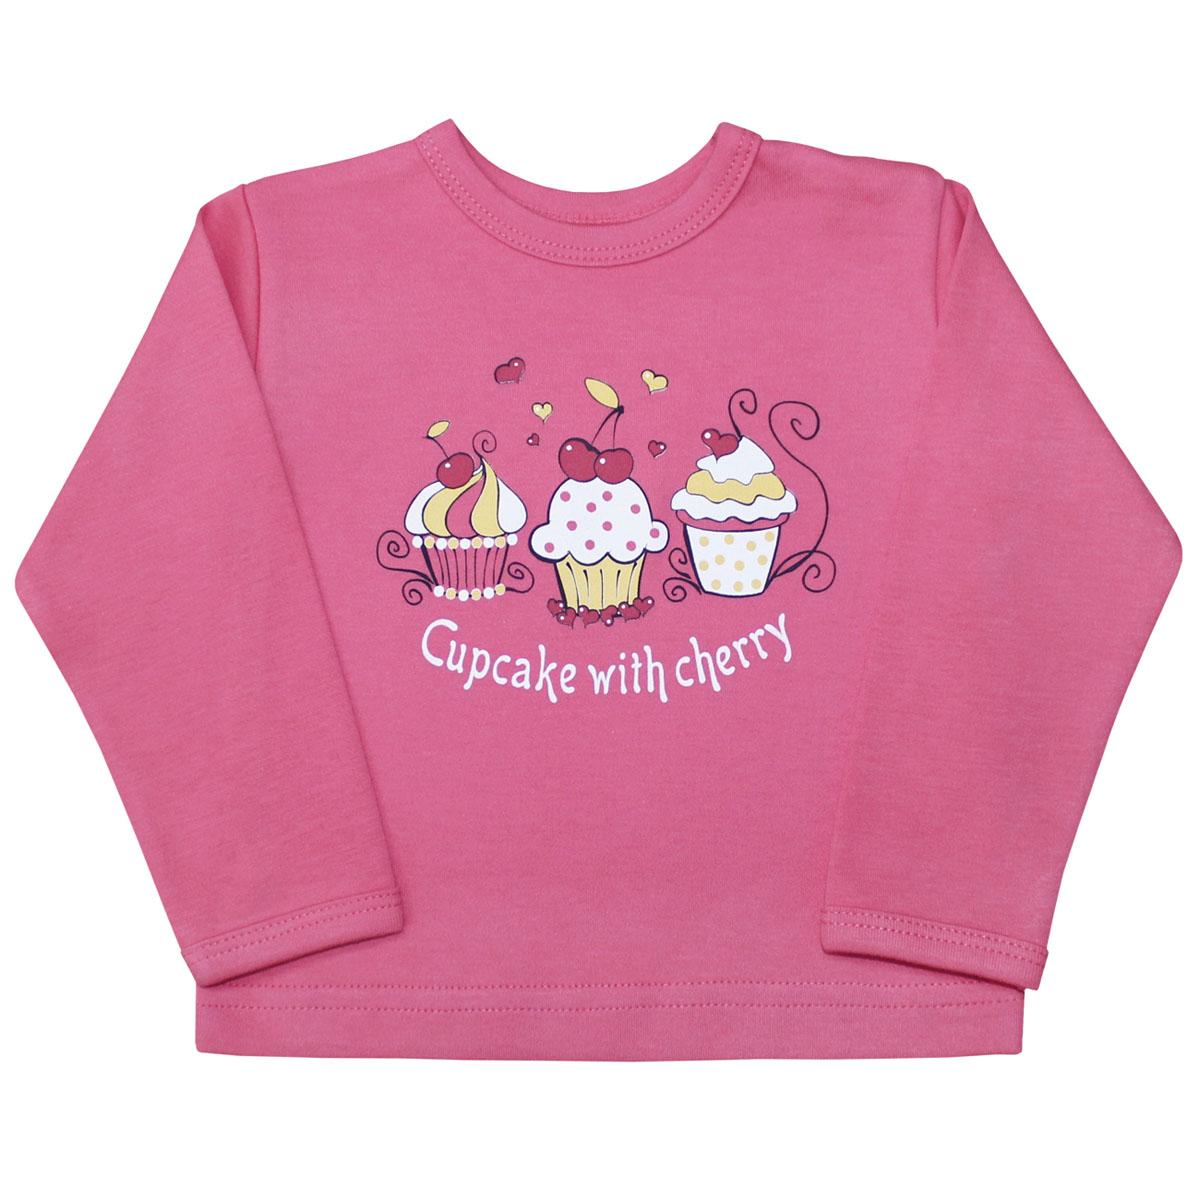 Лонгслив для девочки Веселый малыш Спелая вишня, цвет: розовый. 66322/св-C (1). Размер 6866322Лонгслив для девочки Спелая вишня выполнен из качественного материала. Модель с круглым вырезом горловины и длинными рукавами.